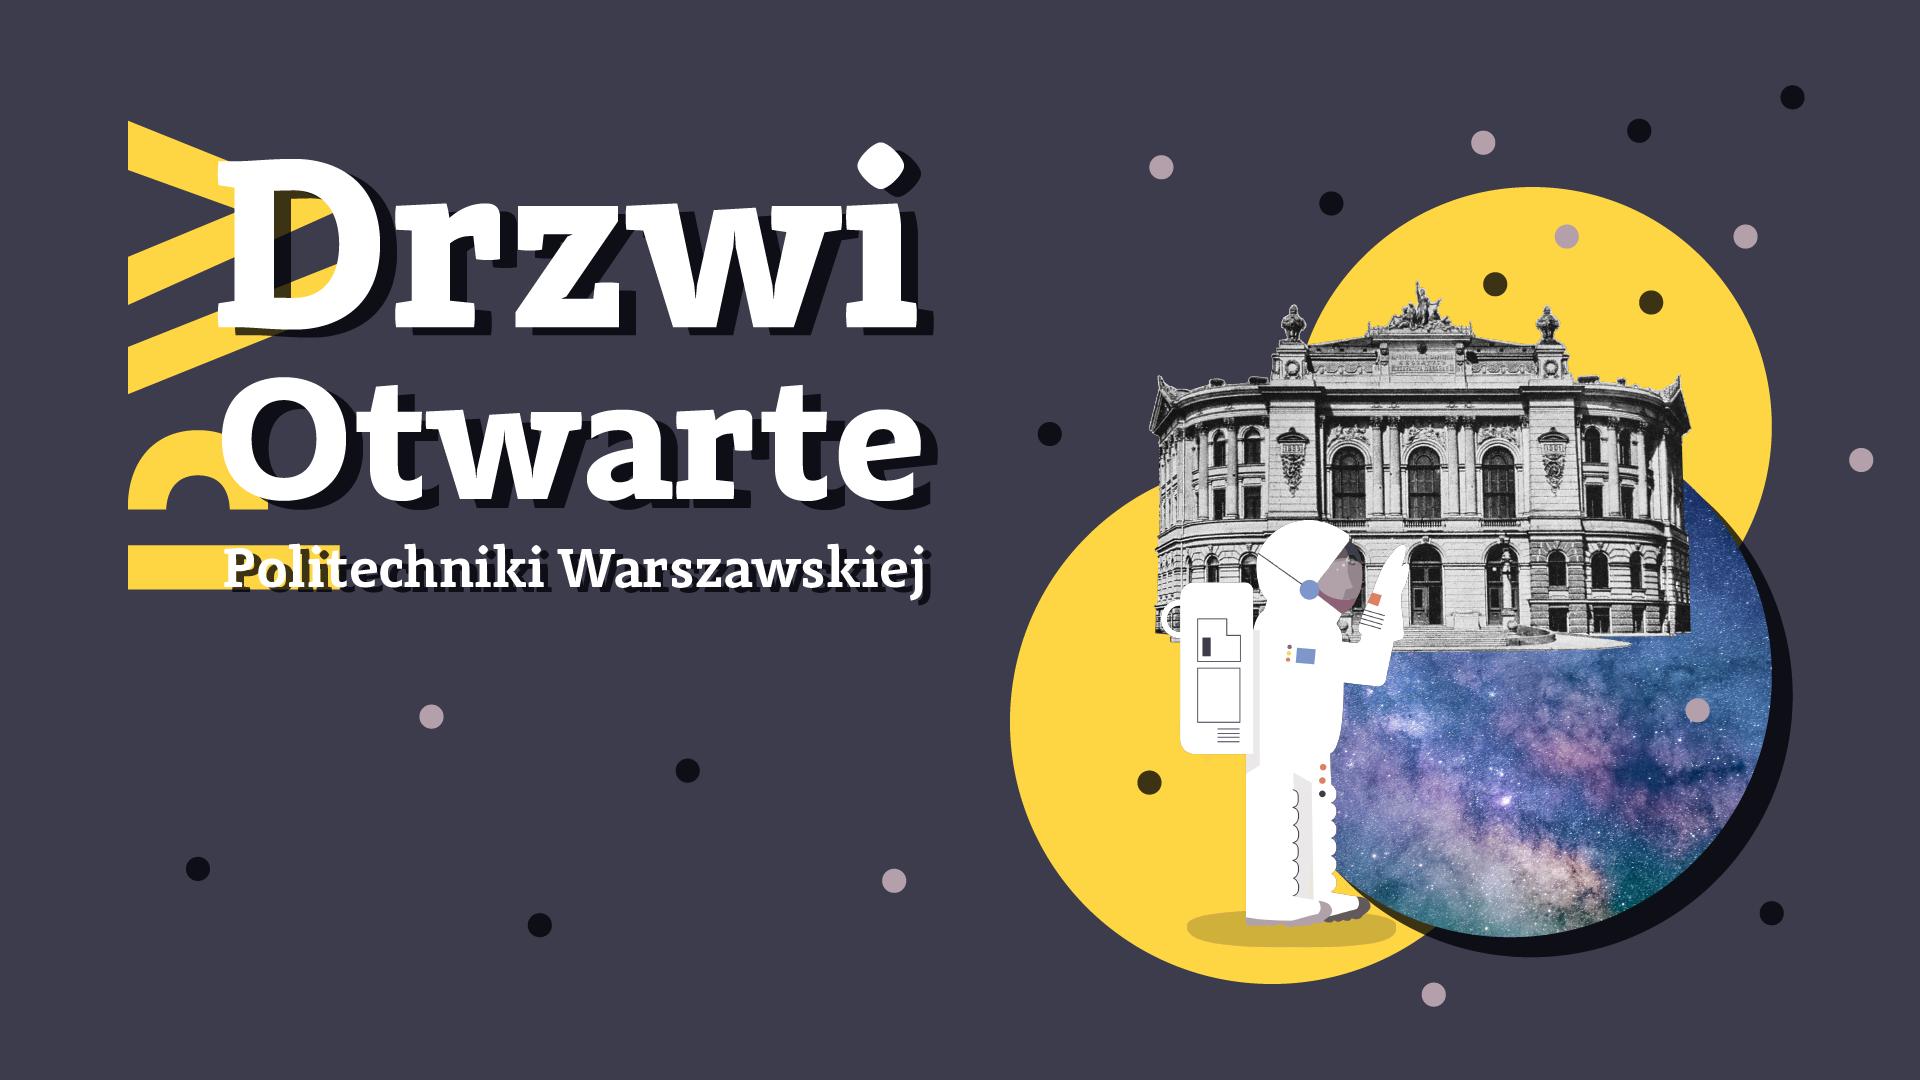 Drzwi-Otwarte-Politechniki-Warszawskiej-grafika